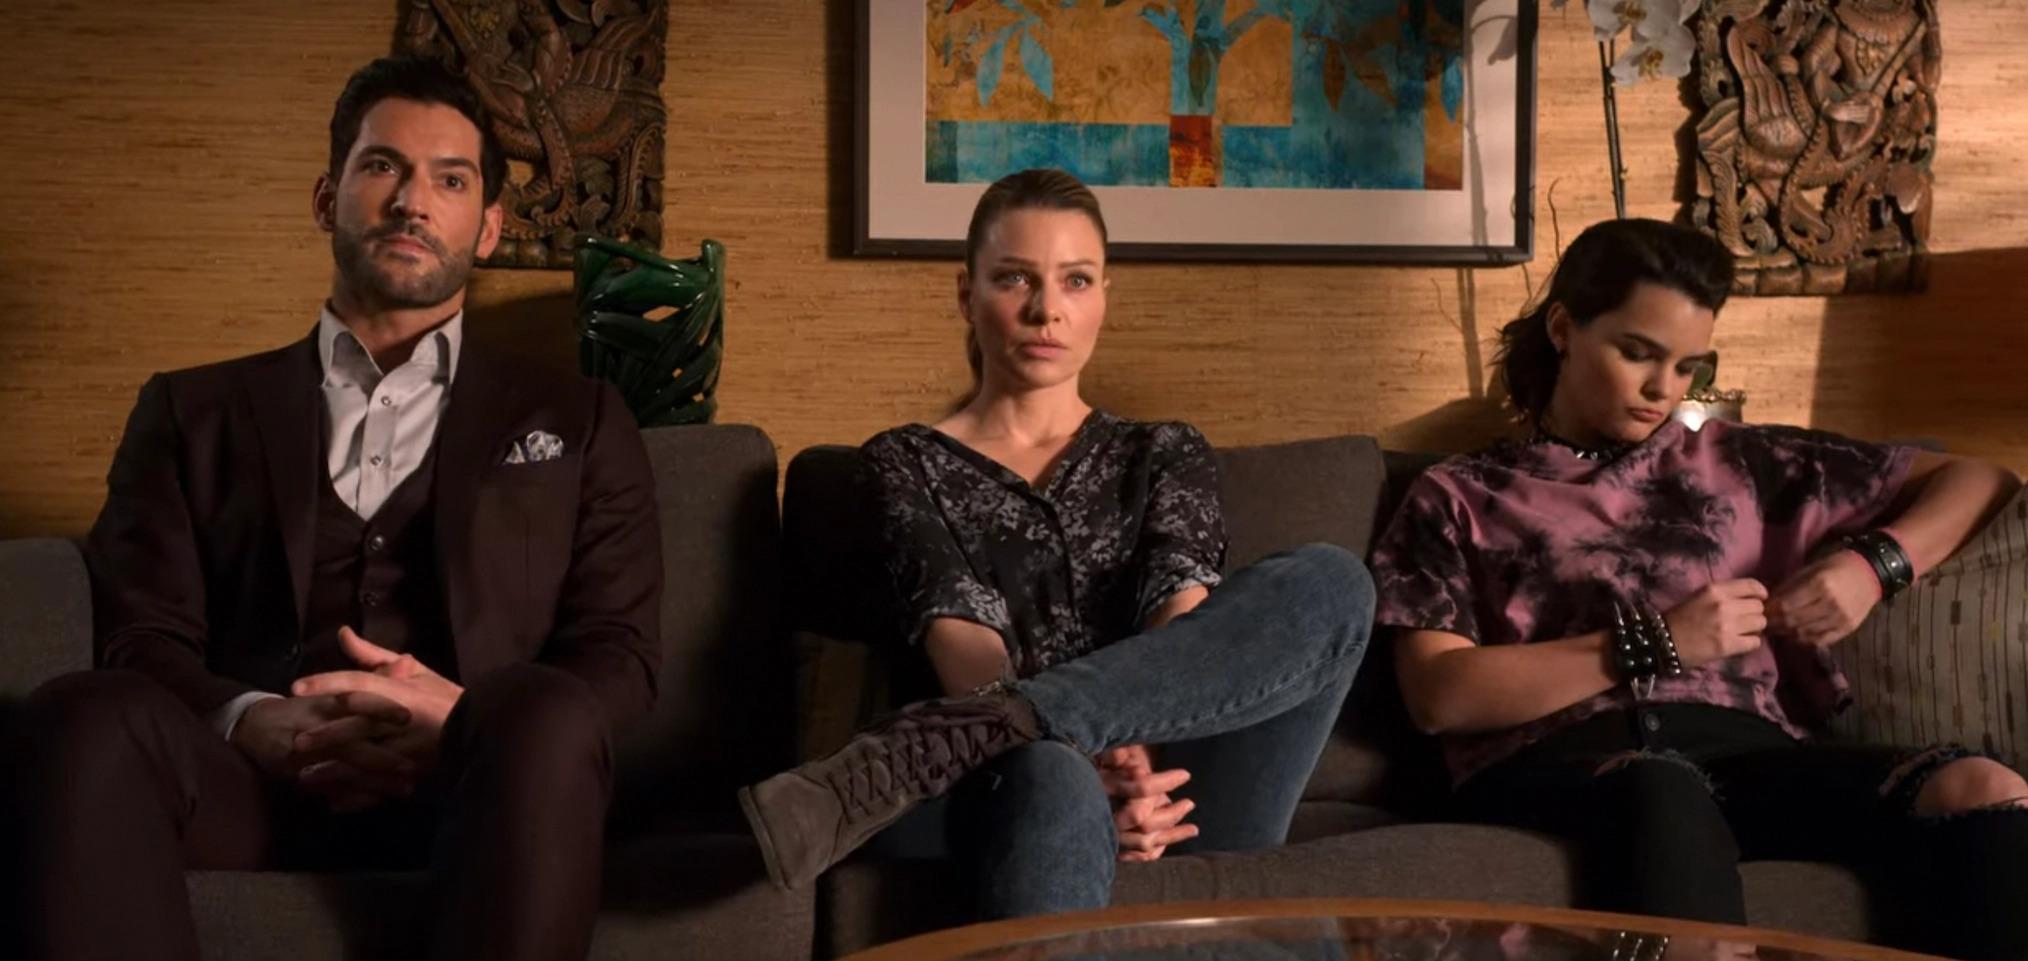 Cena da série Lúcifer em que Lúcifer, Chloe e Rory estão sentados nessa ordem em um sofá cinza. Lúcifer é um homem branco de cabelos pretos com topete e barba curtas, veste terno marrom e camisa branca, está com as mãos entrelaçadas no meio das pernas e tem expressão séria. À sua direita, Chloe está sentada com uma perna cruzada em cima da outra, as mãos entrelaçadas no meio das pernas e está encarando com irritação; ela é uma mulher branca de cabelos claros presos atrás da cabeça, usa camisa estampada em preto, calças jeans e botas marrons. No canto direito do sofá está Rory, sentada distraidamente e olhando para as mãos; ela é uma jovem branca de cabelos pretos curtos e lisos, usa camiseta em estampa roxa e preta, calças pretas com rasgos nos joelhos e acessórios com spikes no braço e pescoço. O fundo é uma sala de consultório com paredes em madeira clara, decorações em ferro e um quadro pendurados na parede.